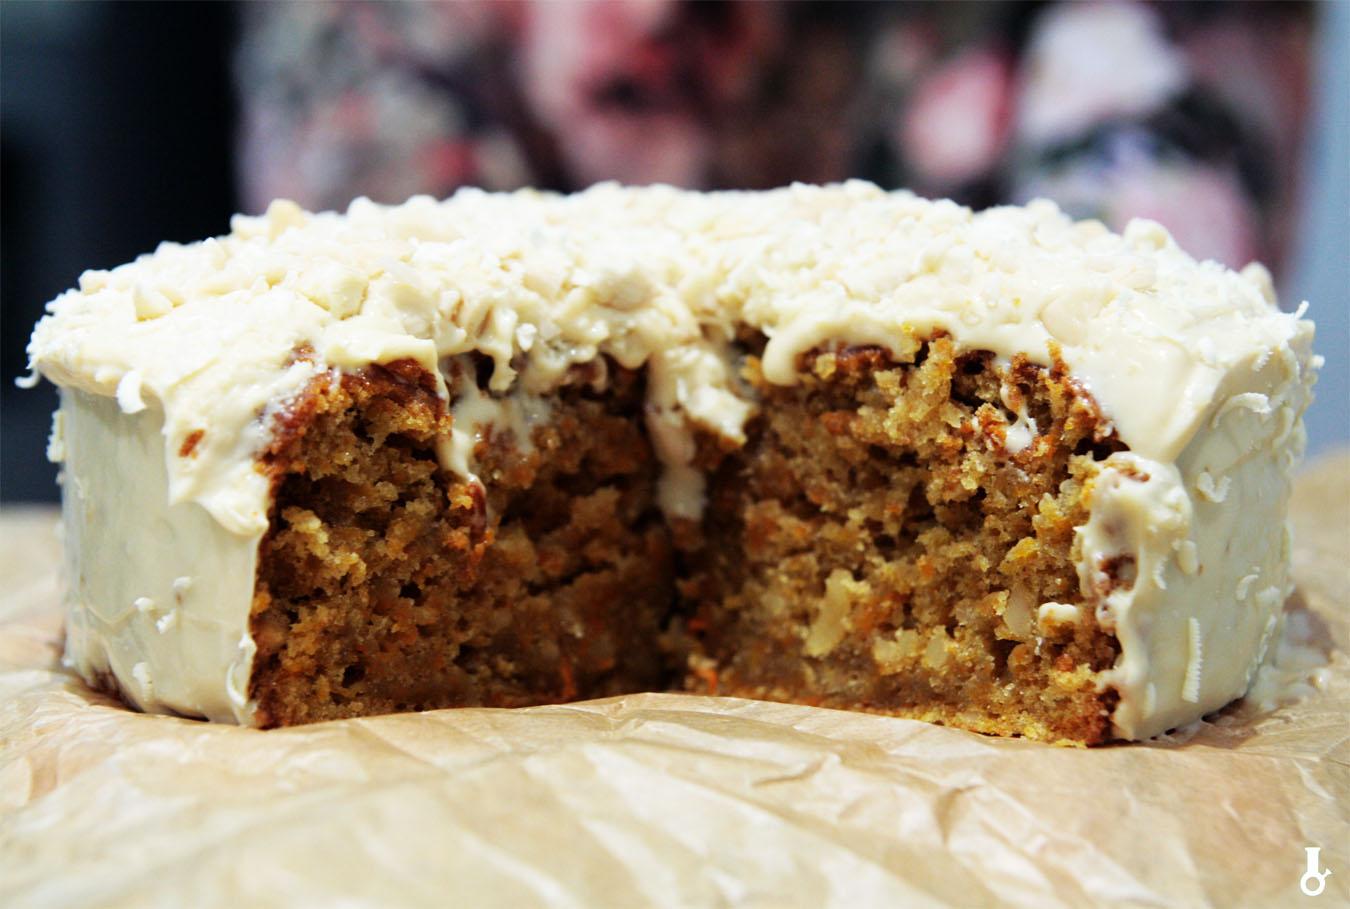 http://www.stonerchef.pl/wp-content/uploads/2017/10/ciasto-marchewkowe-z-kremem-z-karmelowej-czekolady.jpg